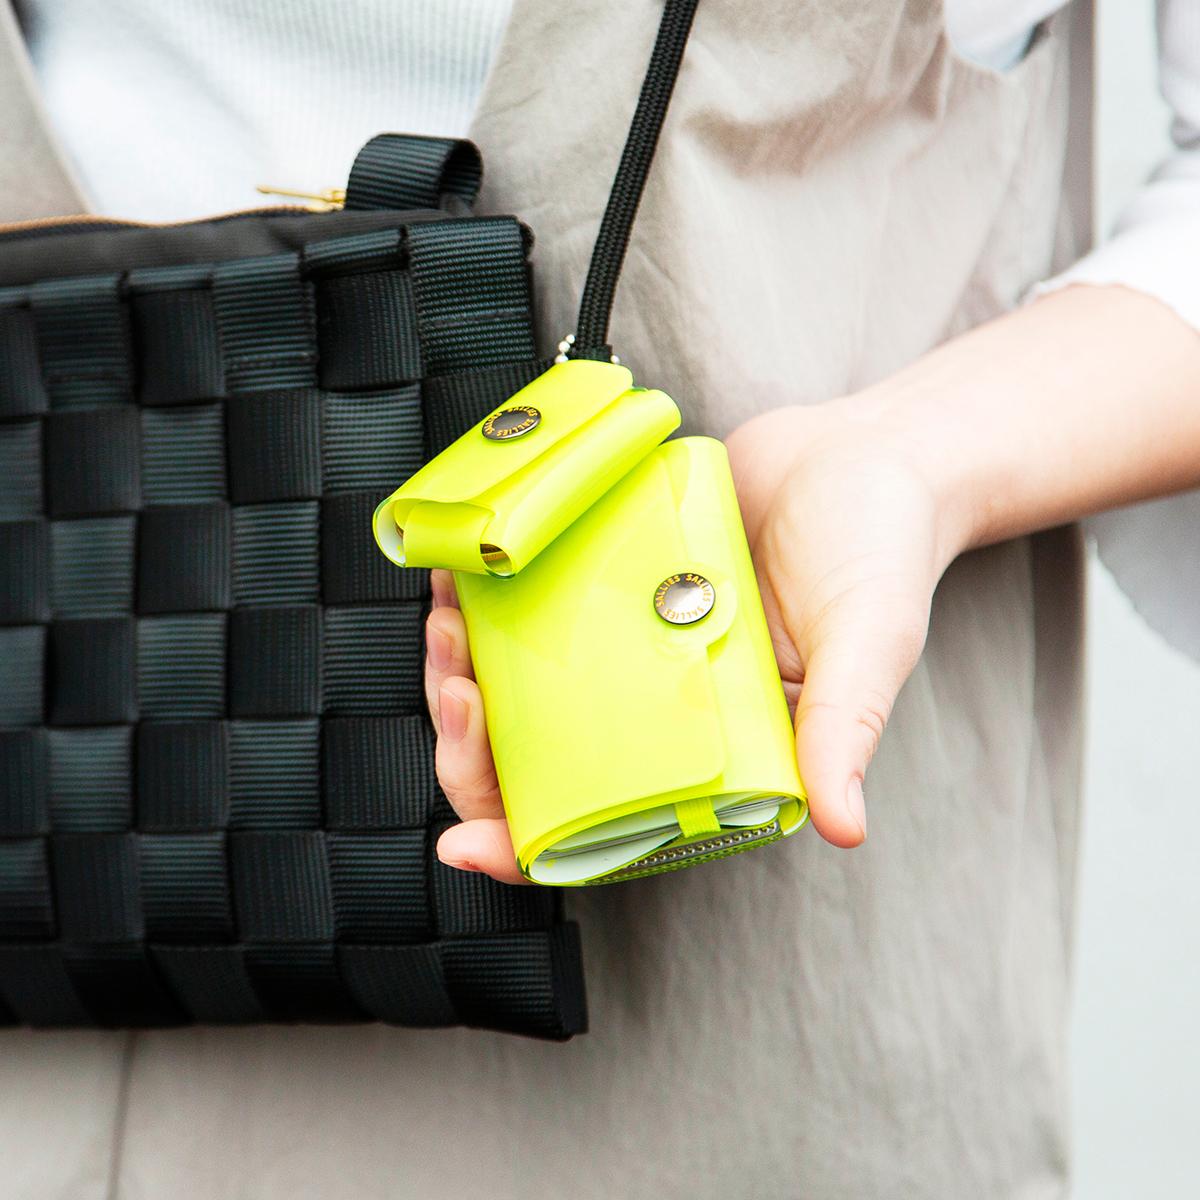 軽いのに強度や耐久性に優れており、水に濡れても染みたり劣化したりしない、レジャーシーンにぴったりの「ミニ財布」|SALLIES